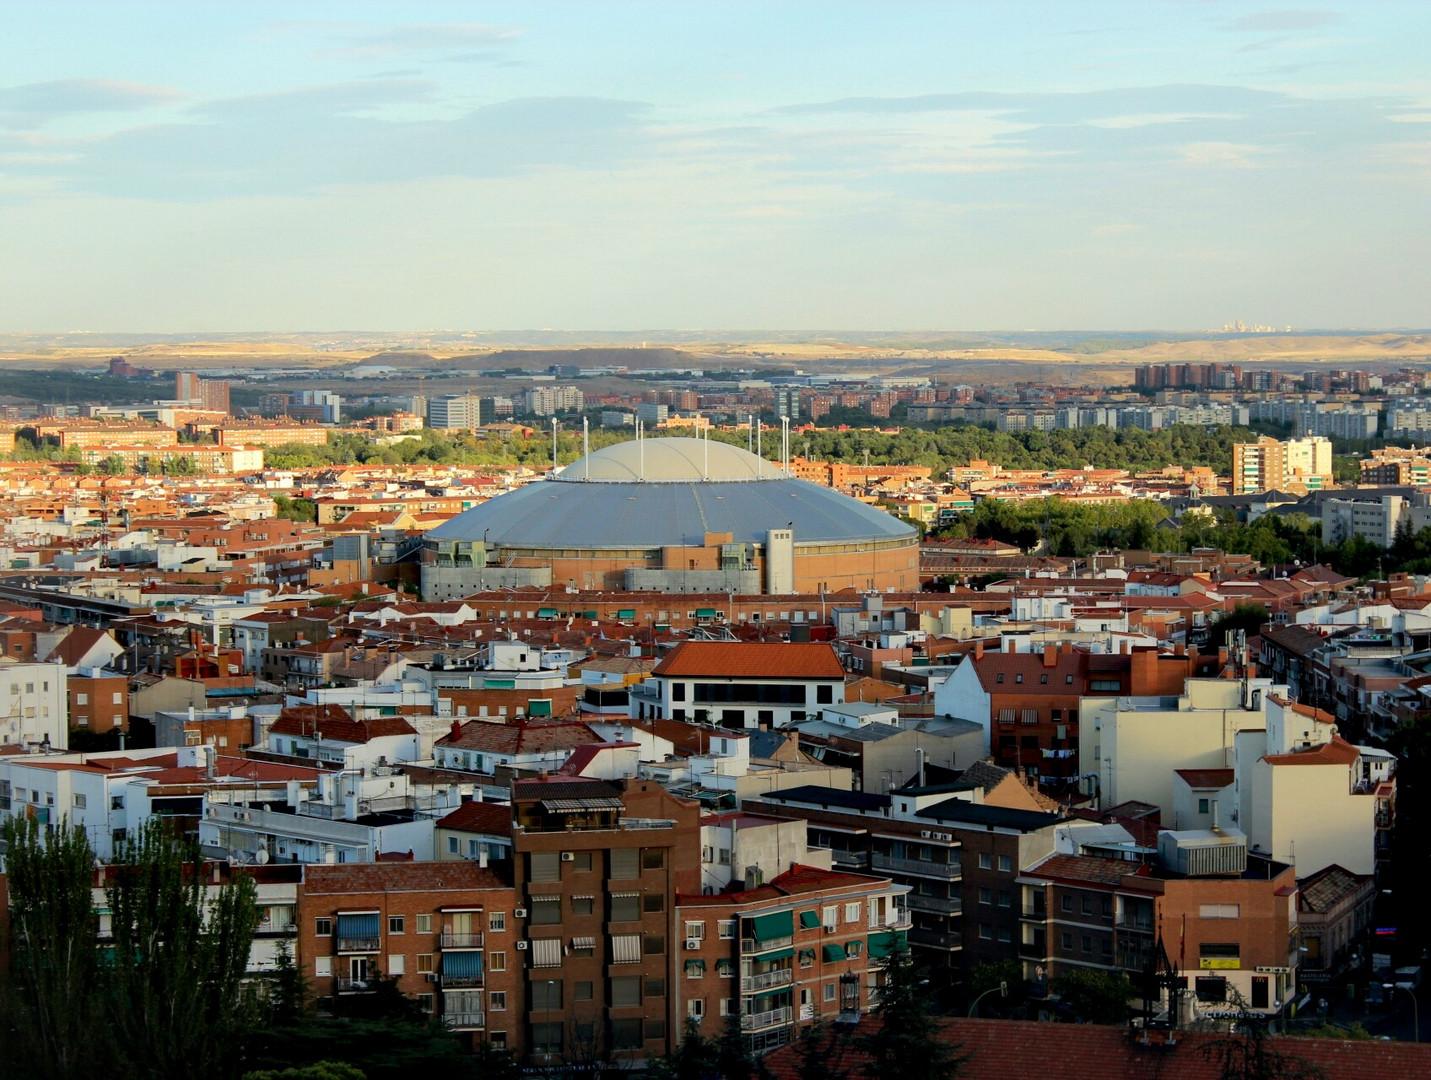 Vista Alegre. Bedeckte Stierkampfarena in Madrid